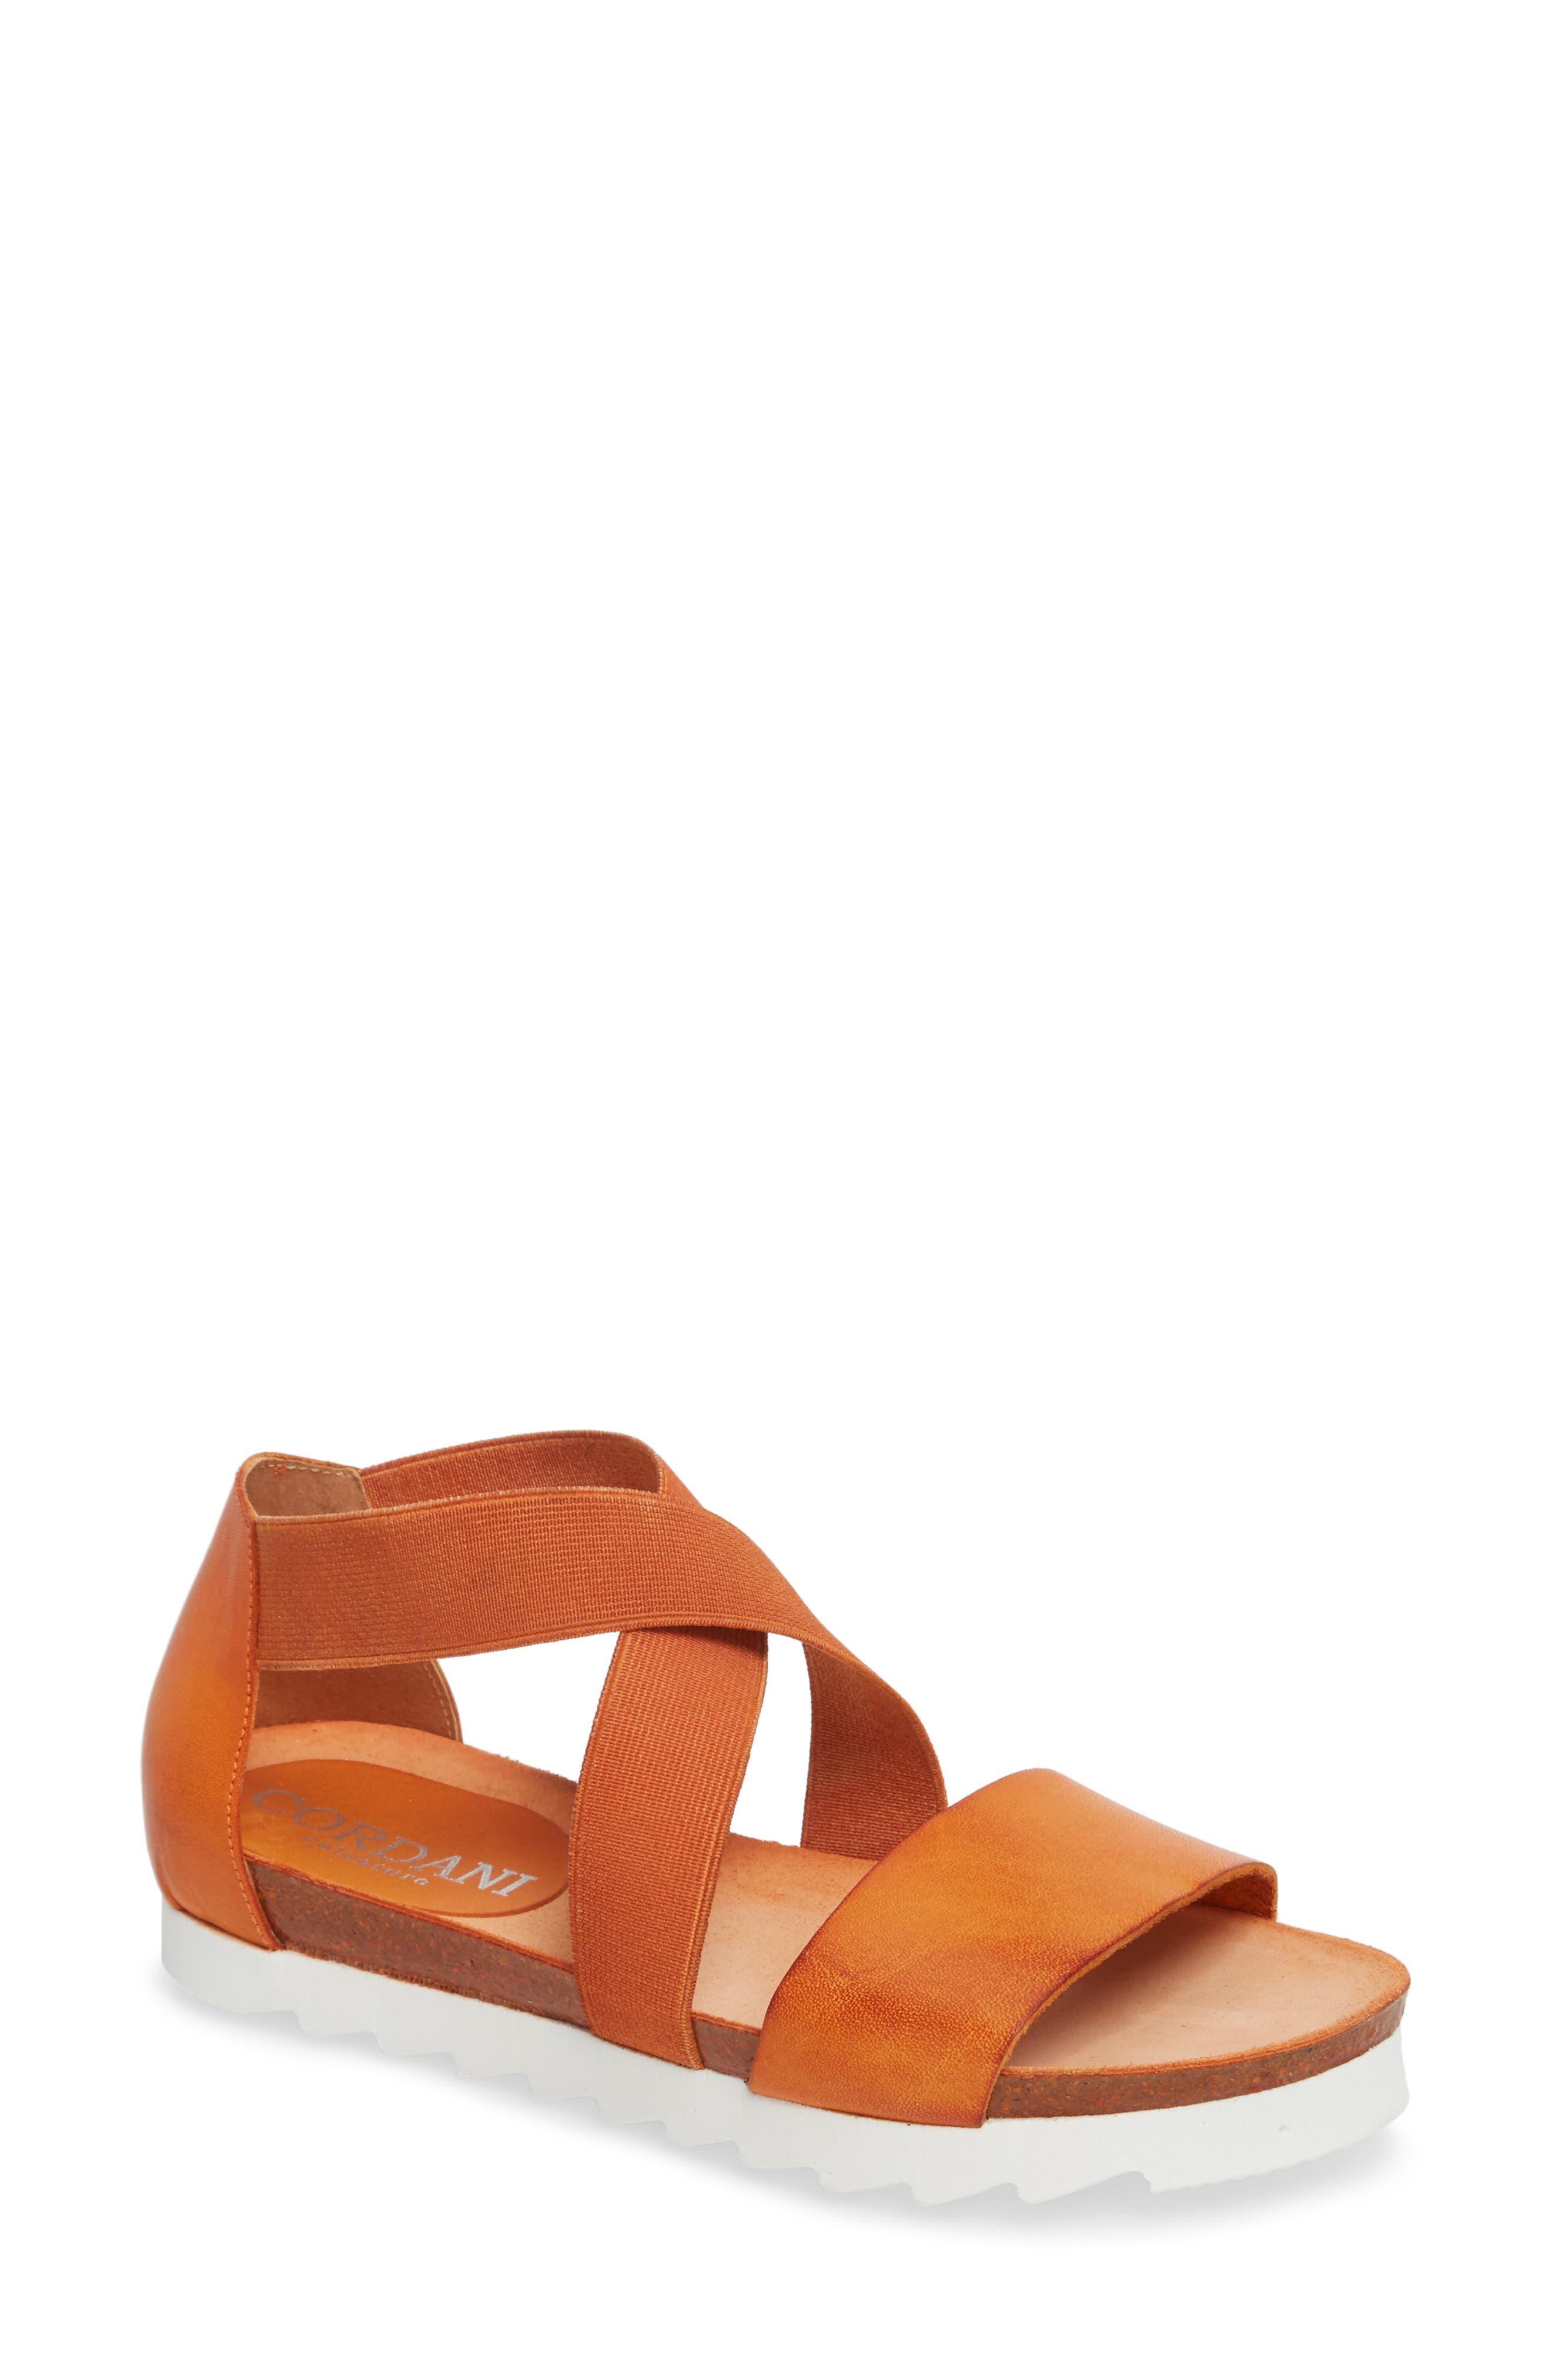 Sayger Sandal,                         Main,                         color, Orange Leather